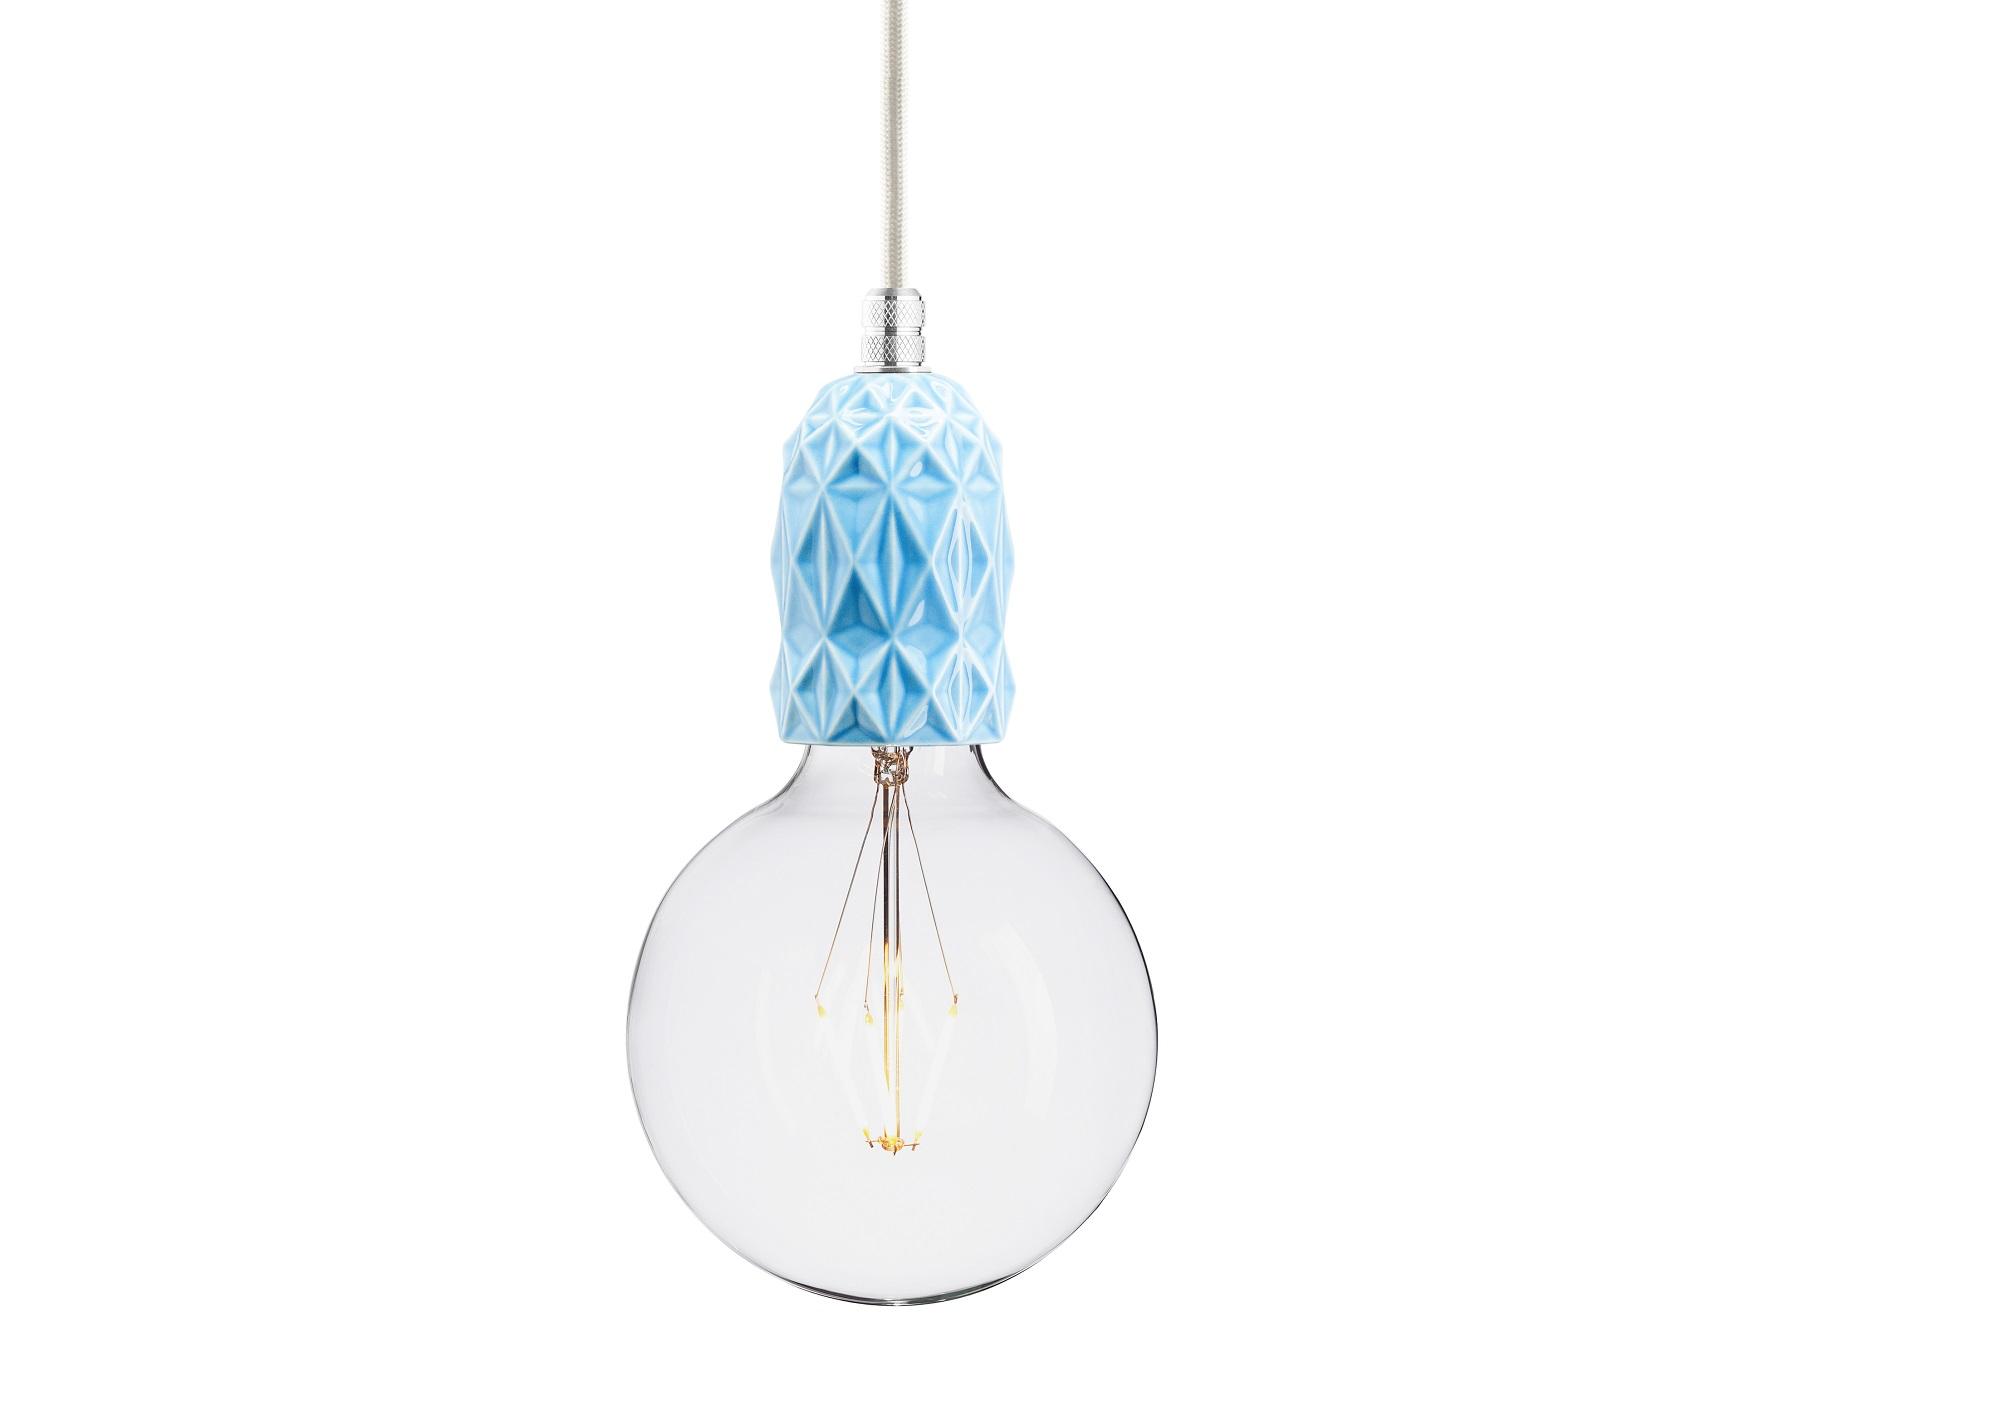 Подвесной светильник AIRПодвесные светильники<br>Подвесной светильник из керамики, доступный в 4-ех цветах: красном, индиго, голубом и лиловом. Два вида фурнитуры: латунь или алюминий.&amp;amp;nbsp;&amp;lt;div&amp;gt;&amp;lt;br&amp;gt;&amp;lt;/div&amp;gt;&amp;lt;div&amp;gt;&amp;lt;div&amp;gt;Вид цоколя: E27&amp;lt;/div&amp;gt;&amp;lt;div&amp;gt;Мощность: 60W&amp;lt;/div&amp;gt;&amp;lt;div&amp;gt;Количество ламп: 1&amp;lt;/div&amp;gt;&amp;lt;/div&amp;gt;<br><br>Material: Керамика<br>Width см: None<br>Depth см: None<br>Height см: 10.5<br>Diameter см: 5.9